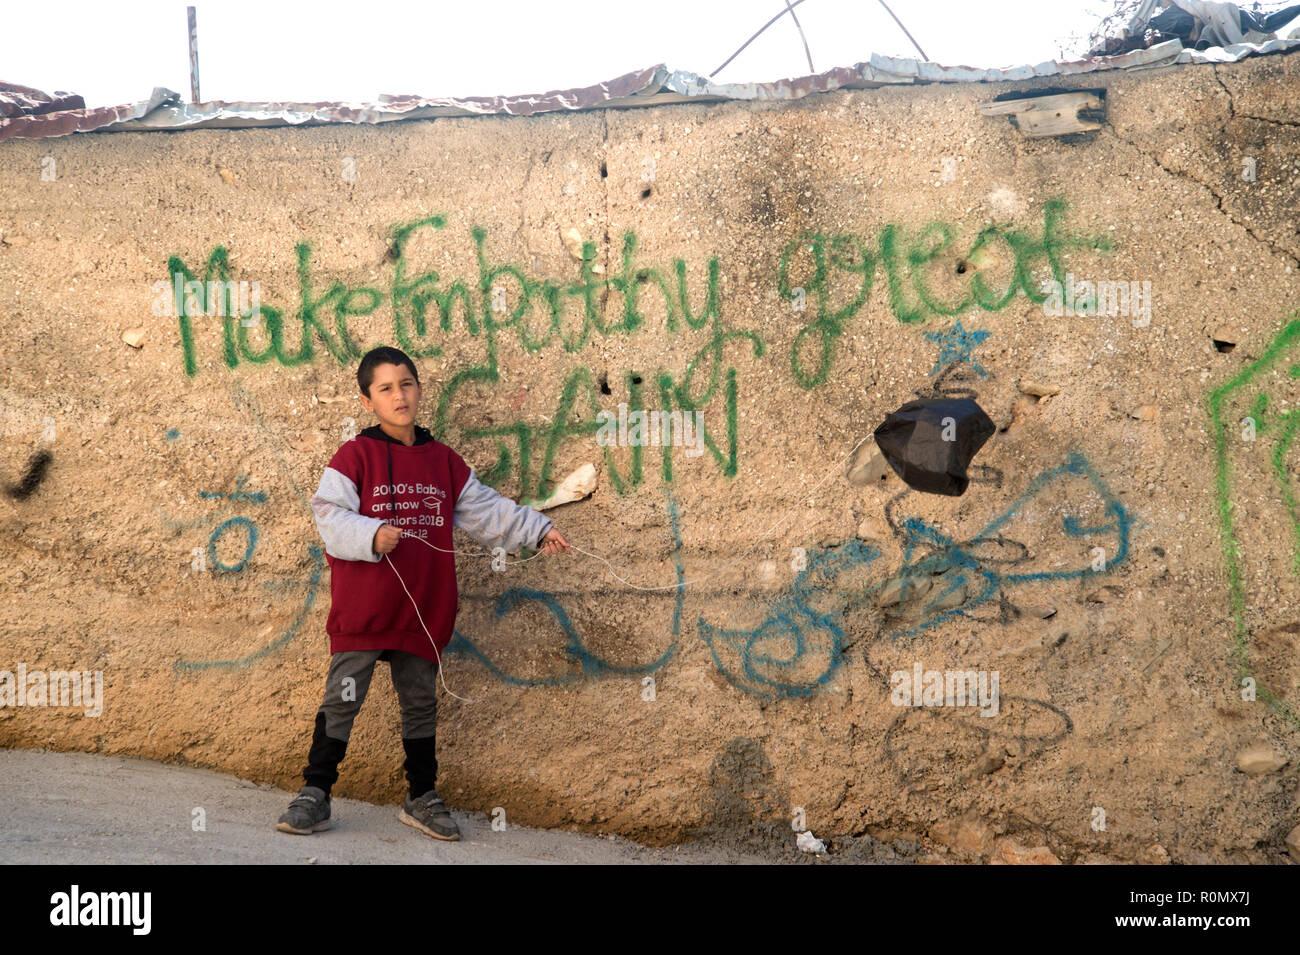 Bethléem. La Palestine. Un jeune garçon joue avec un cerf-volant fabriqué à partir d'un sac en plastique noir, en face de l'écriture en disant 'faire de l'empathie de nouveau grand'. Photo Stock